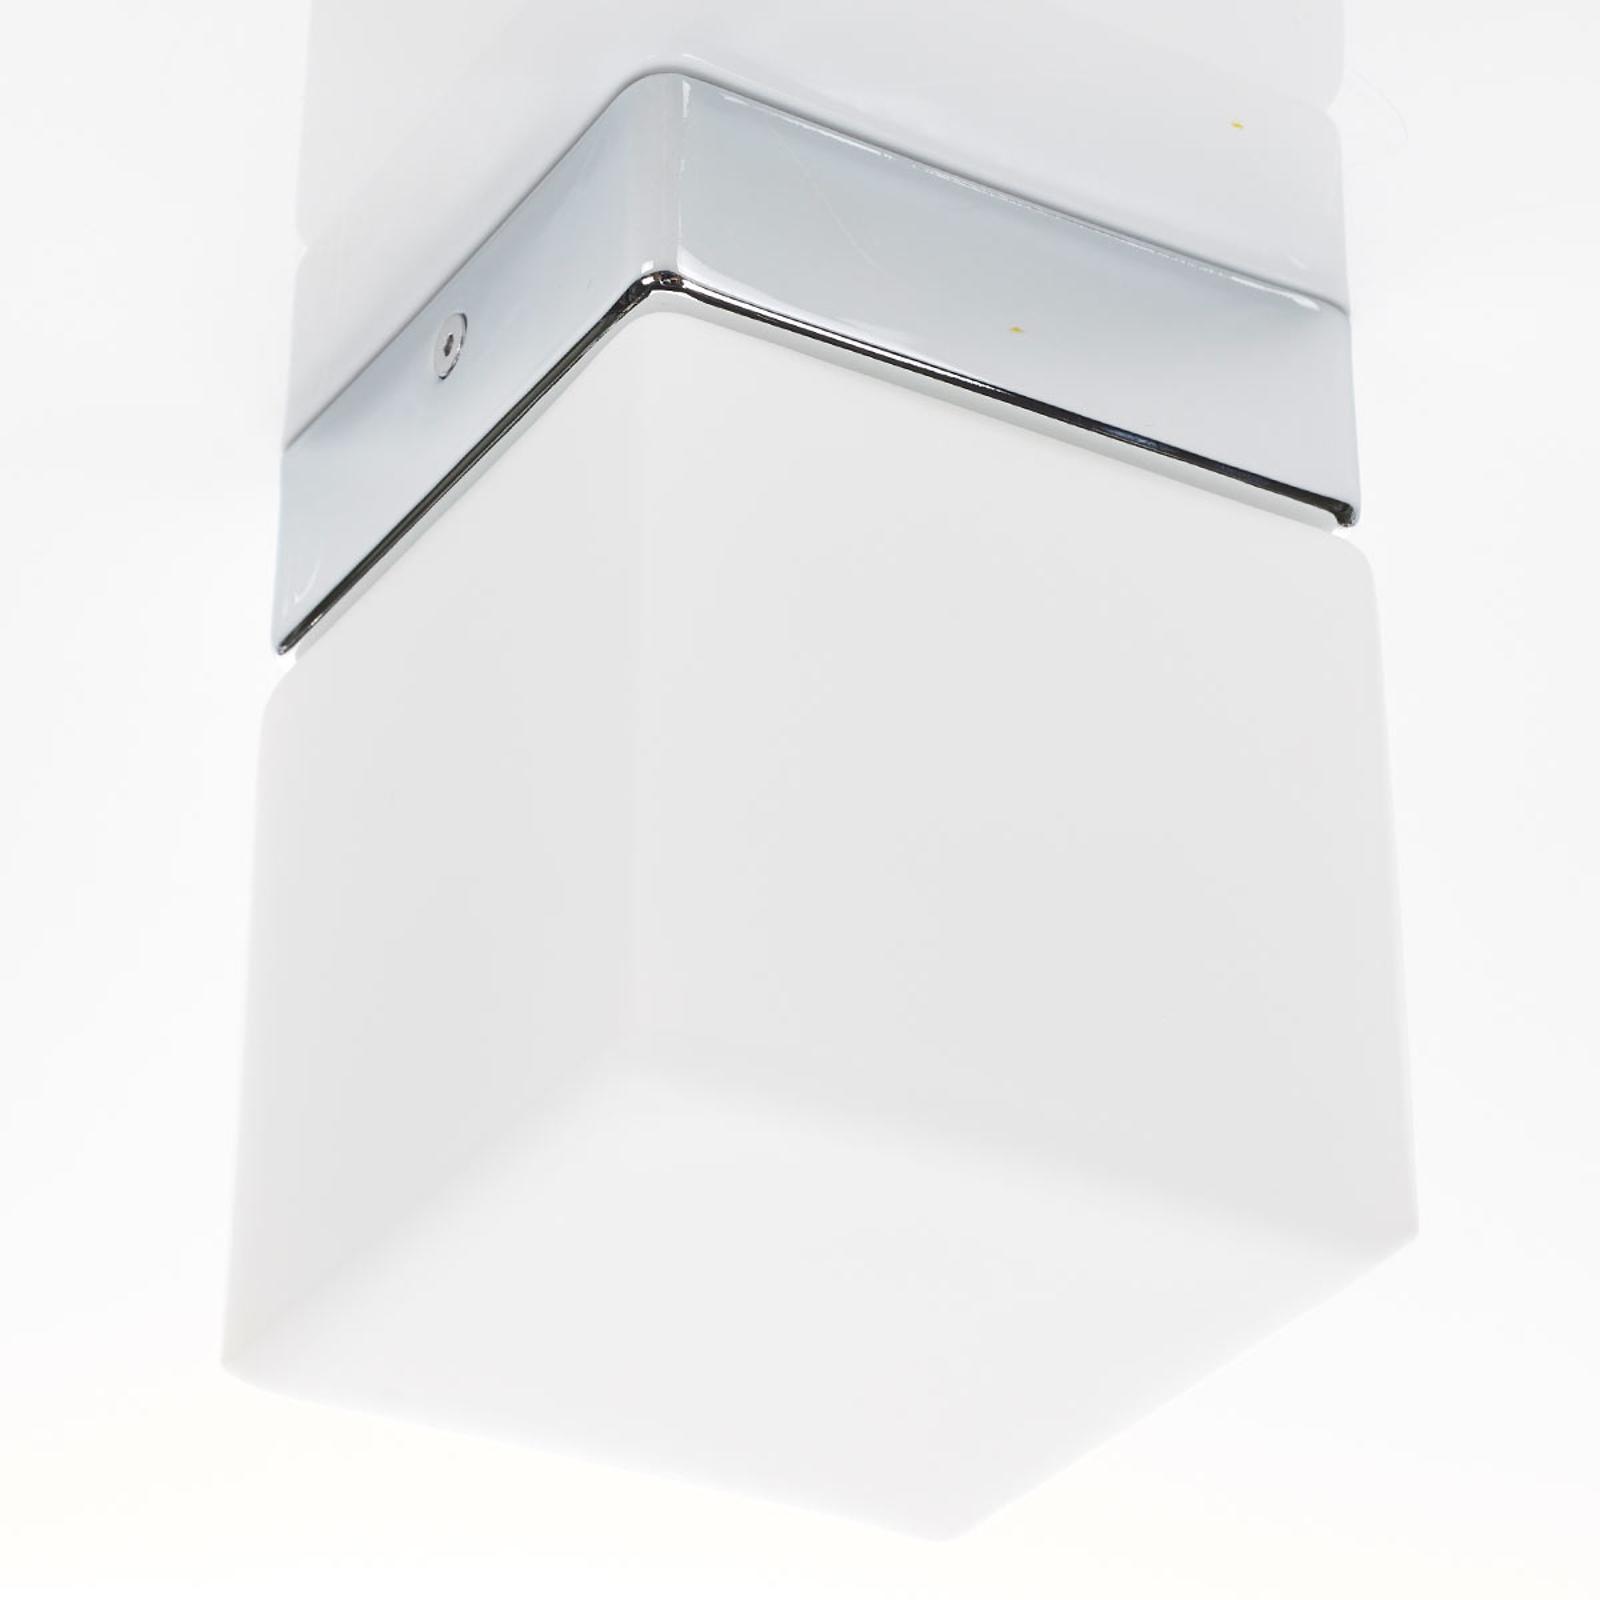 Helestra Keto - LED-loftlampe til badet, terning